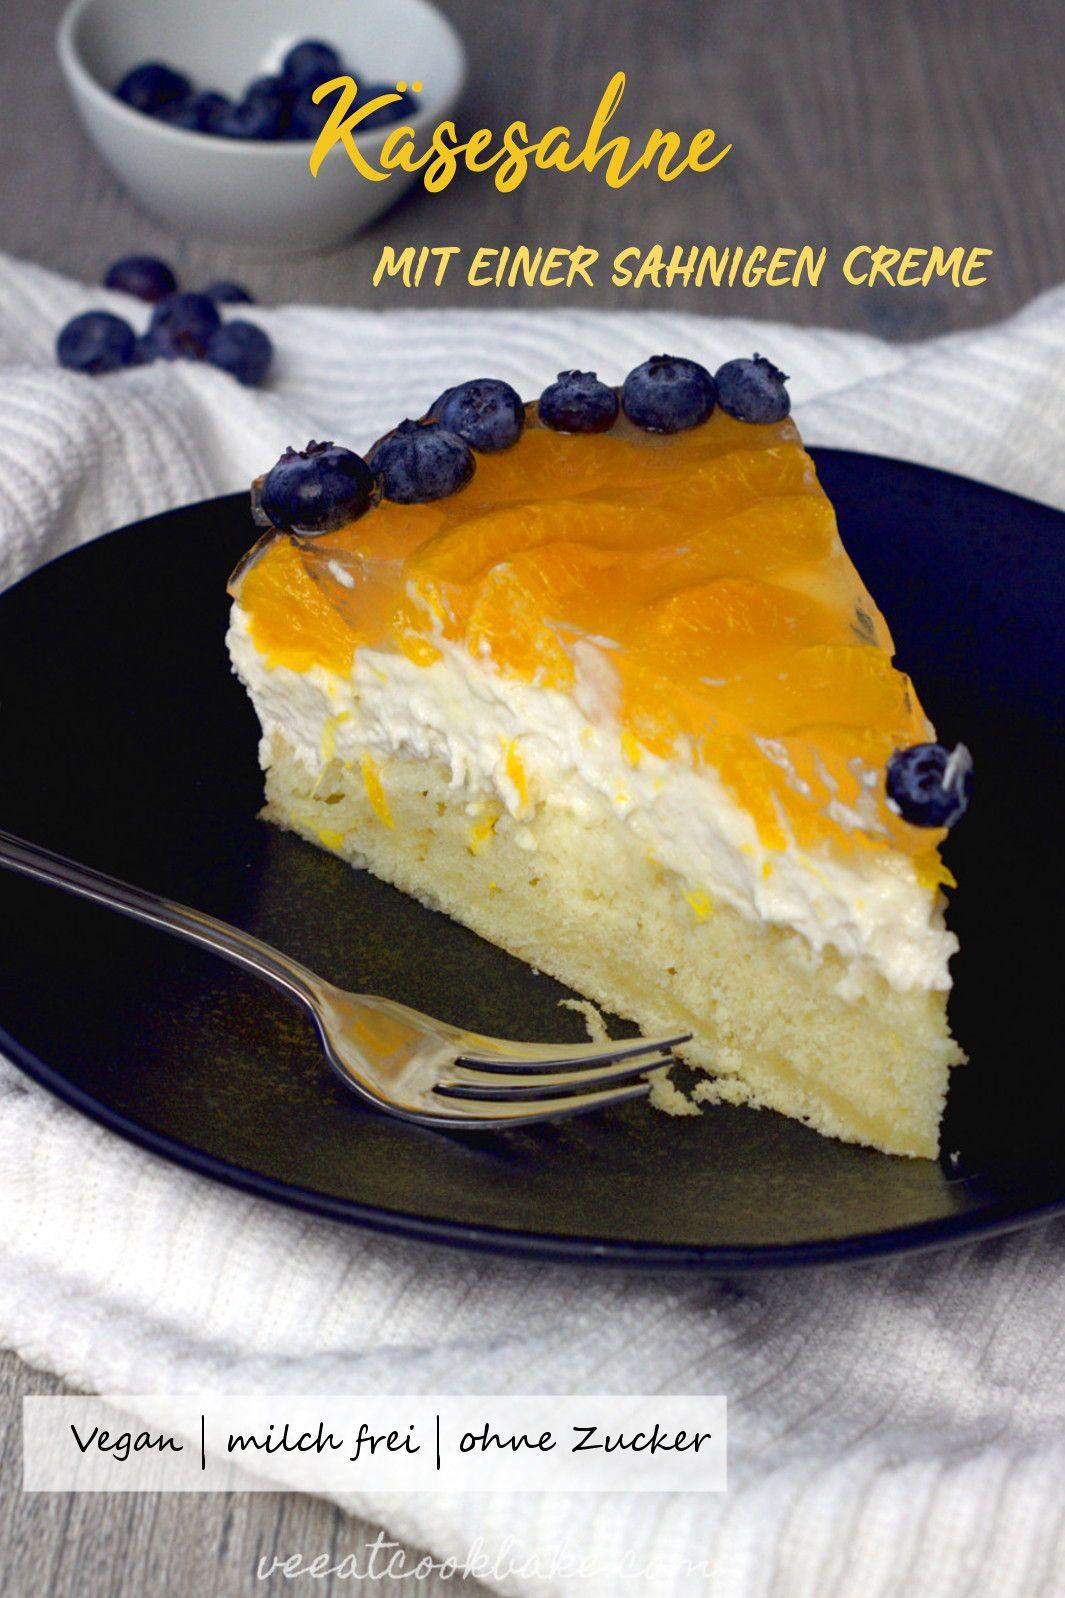 Vegane Mandarinen Quark Sahne Torte Rezept Dessert Recipes